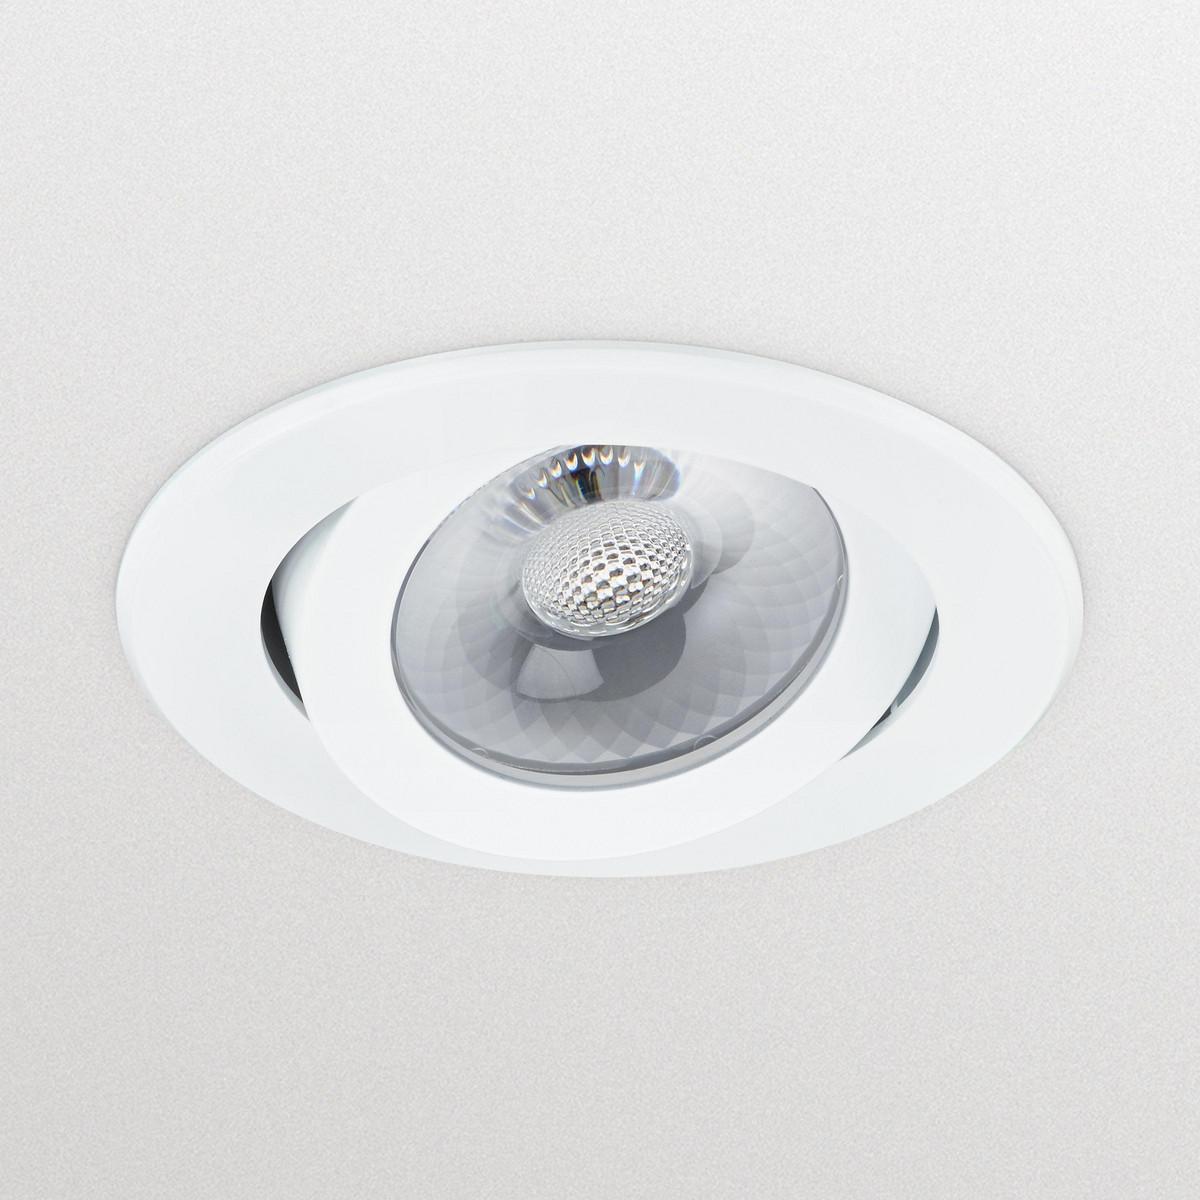 Philips CoreLine Indbygningsspot RS141B 650Lm/830 32° Hvid